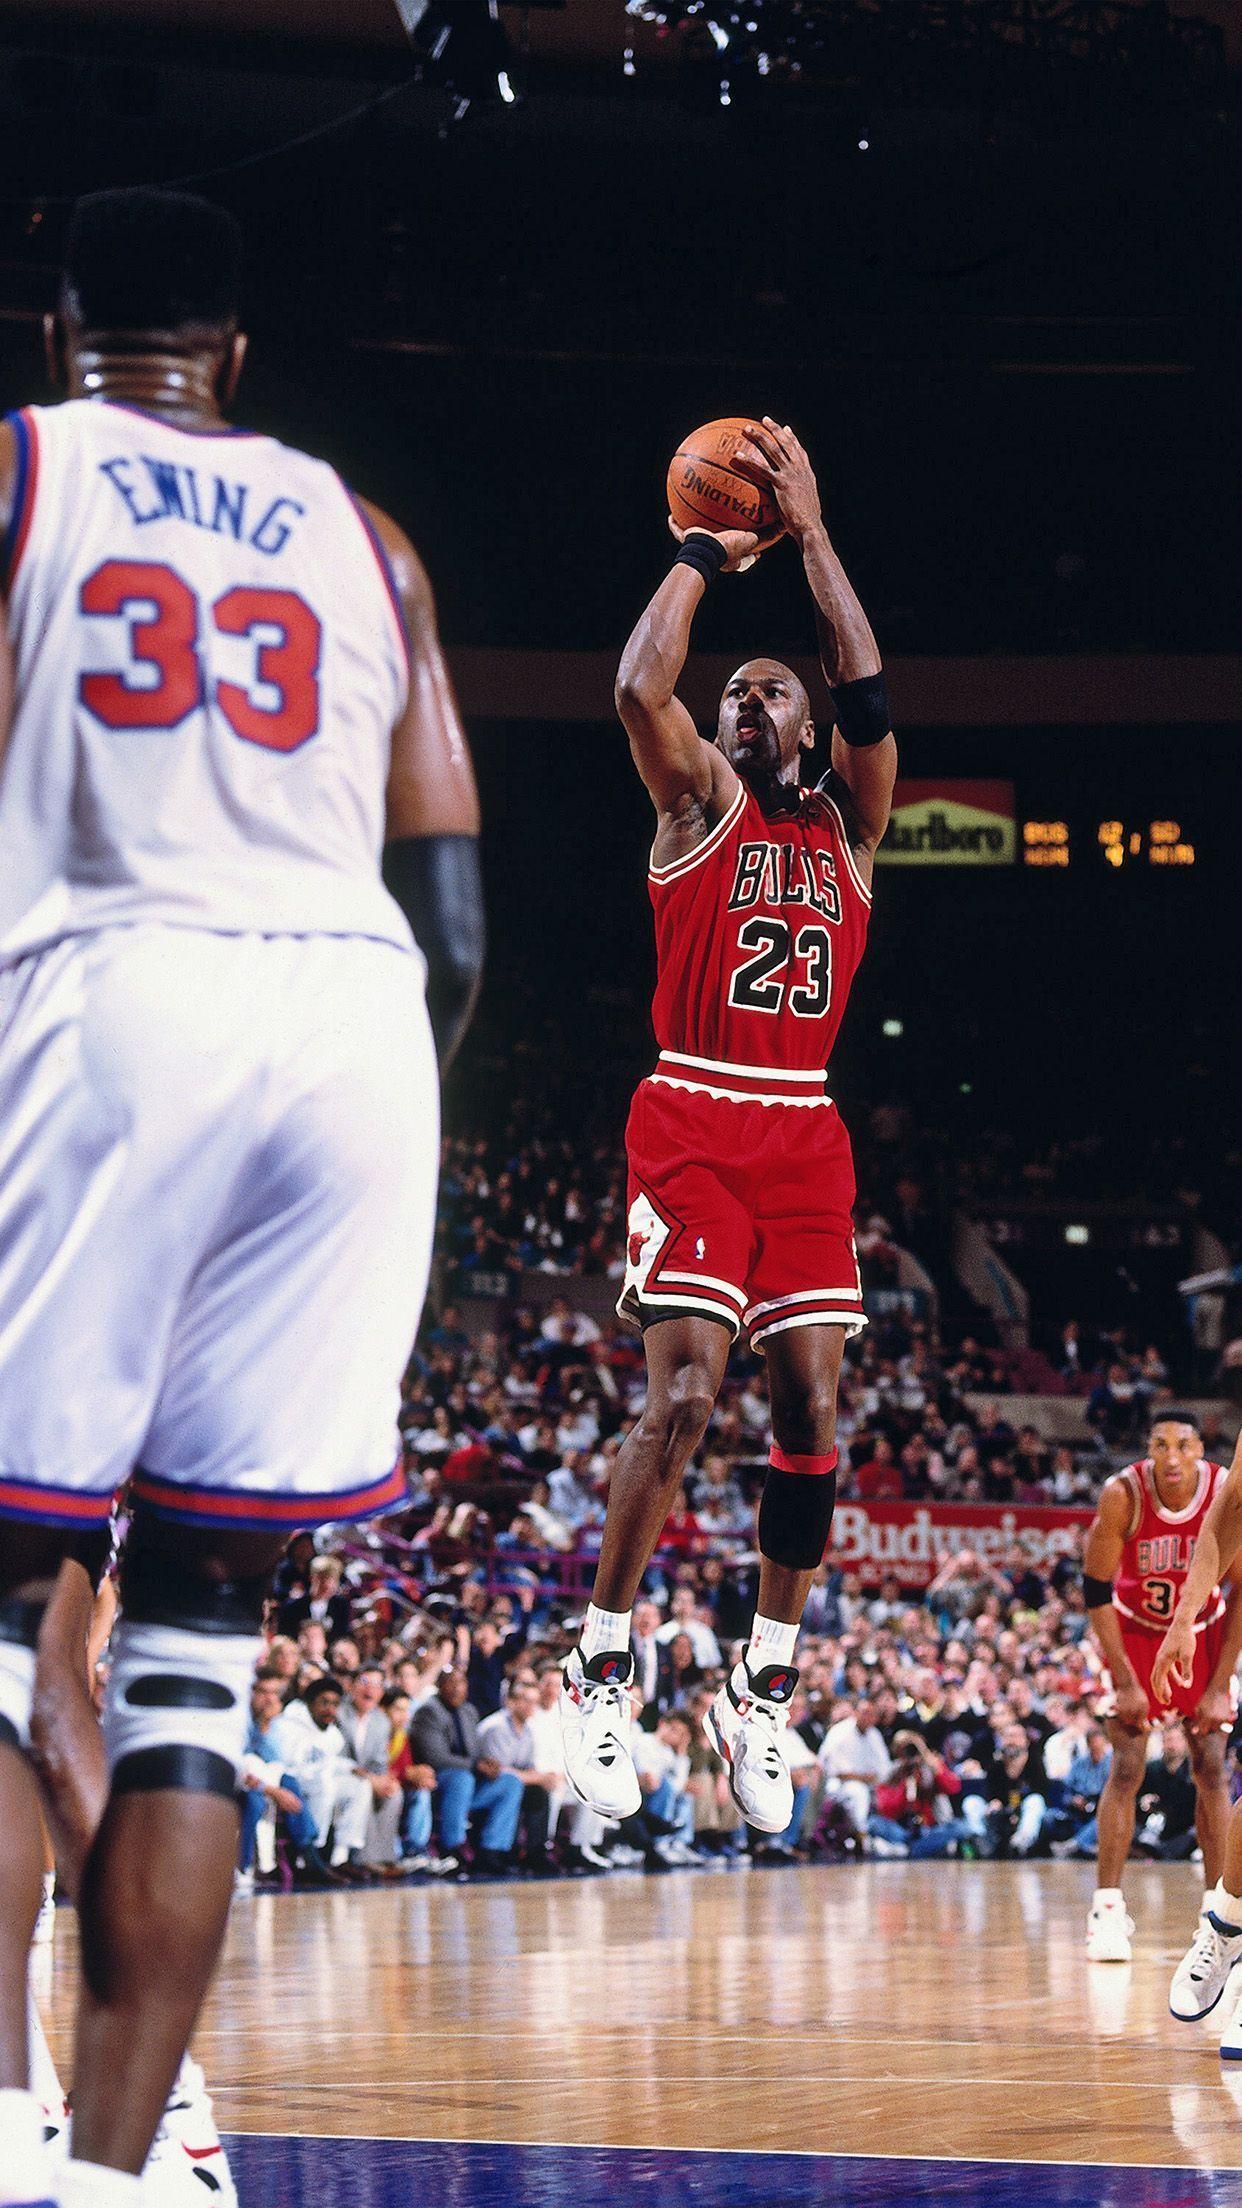 Cool Michael Jordan Hd Wallpaper voor iPhone wallpaper